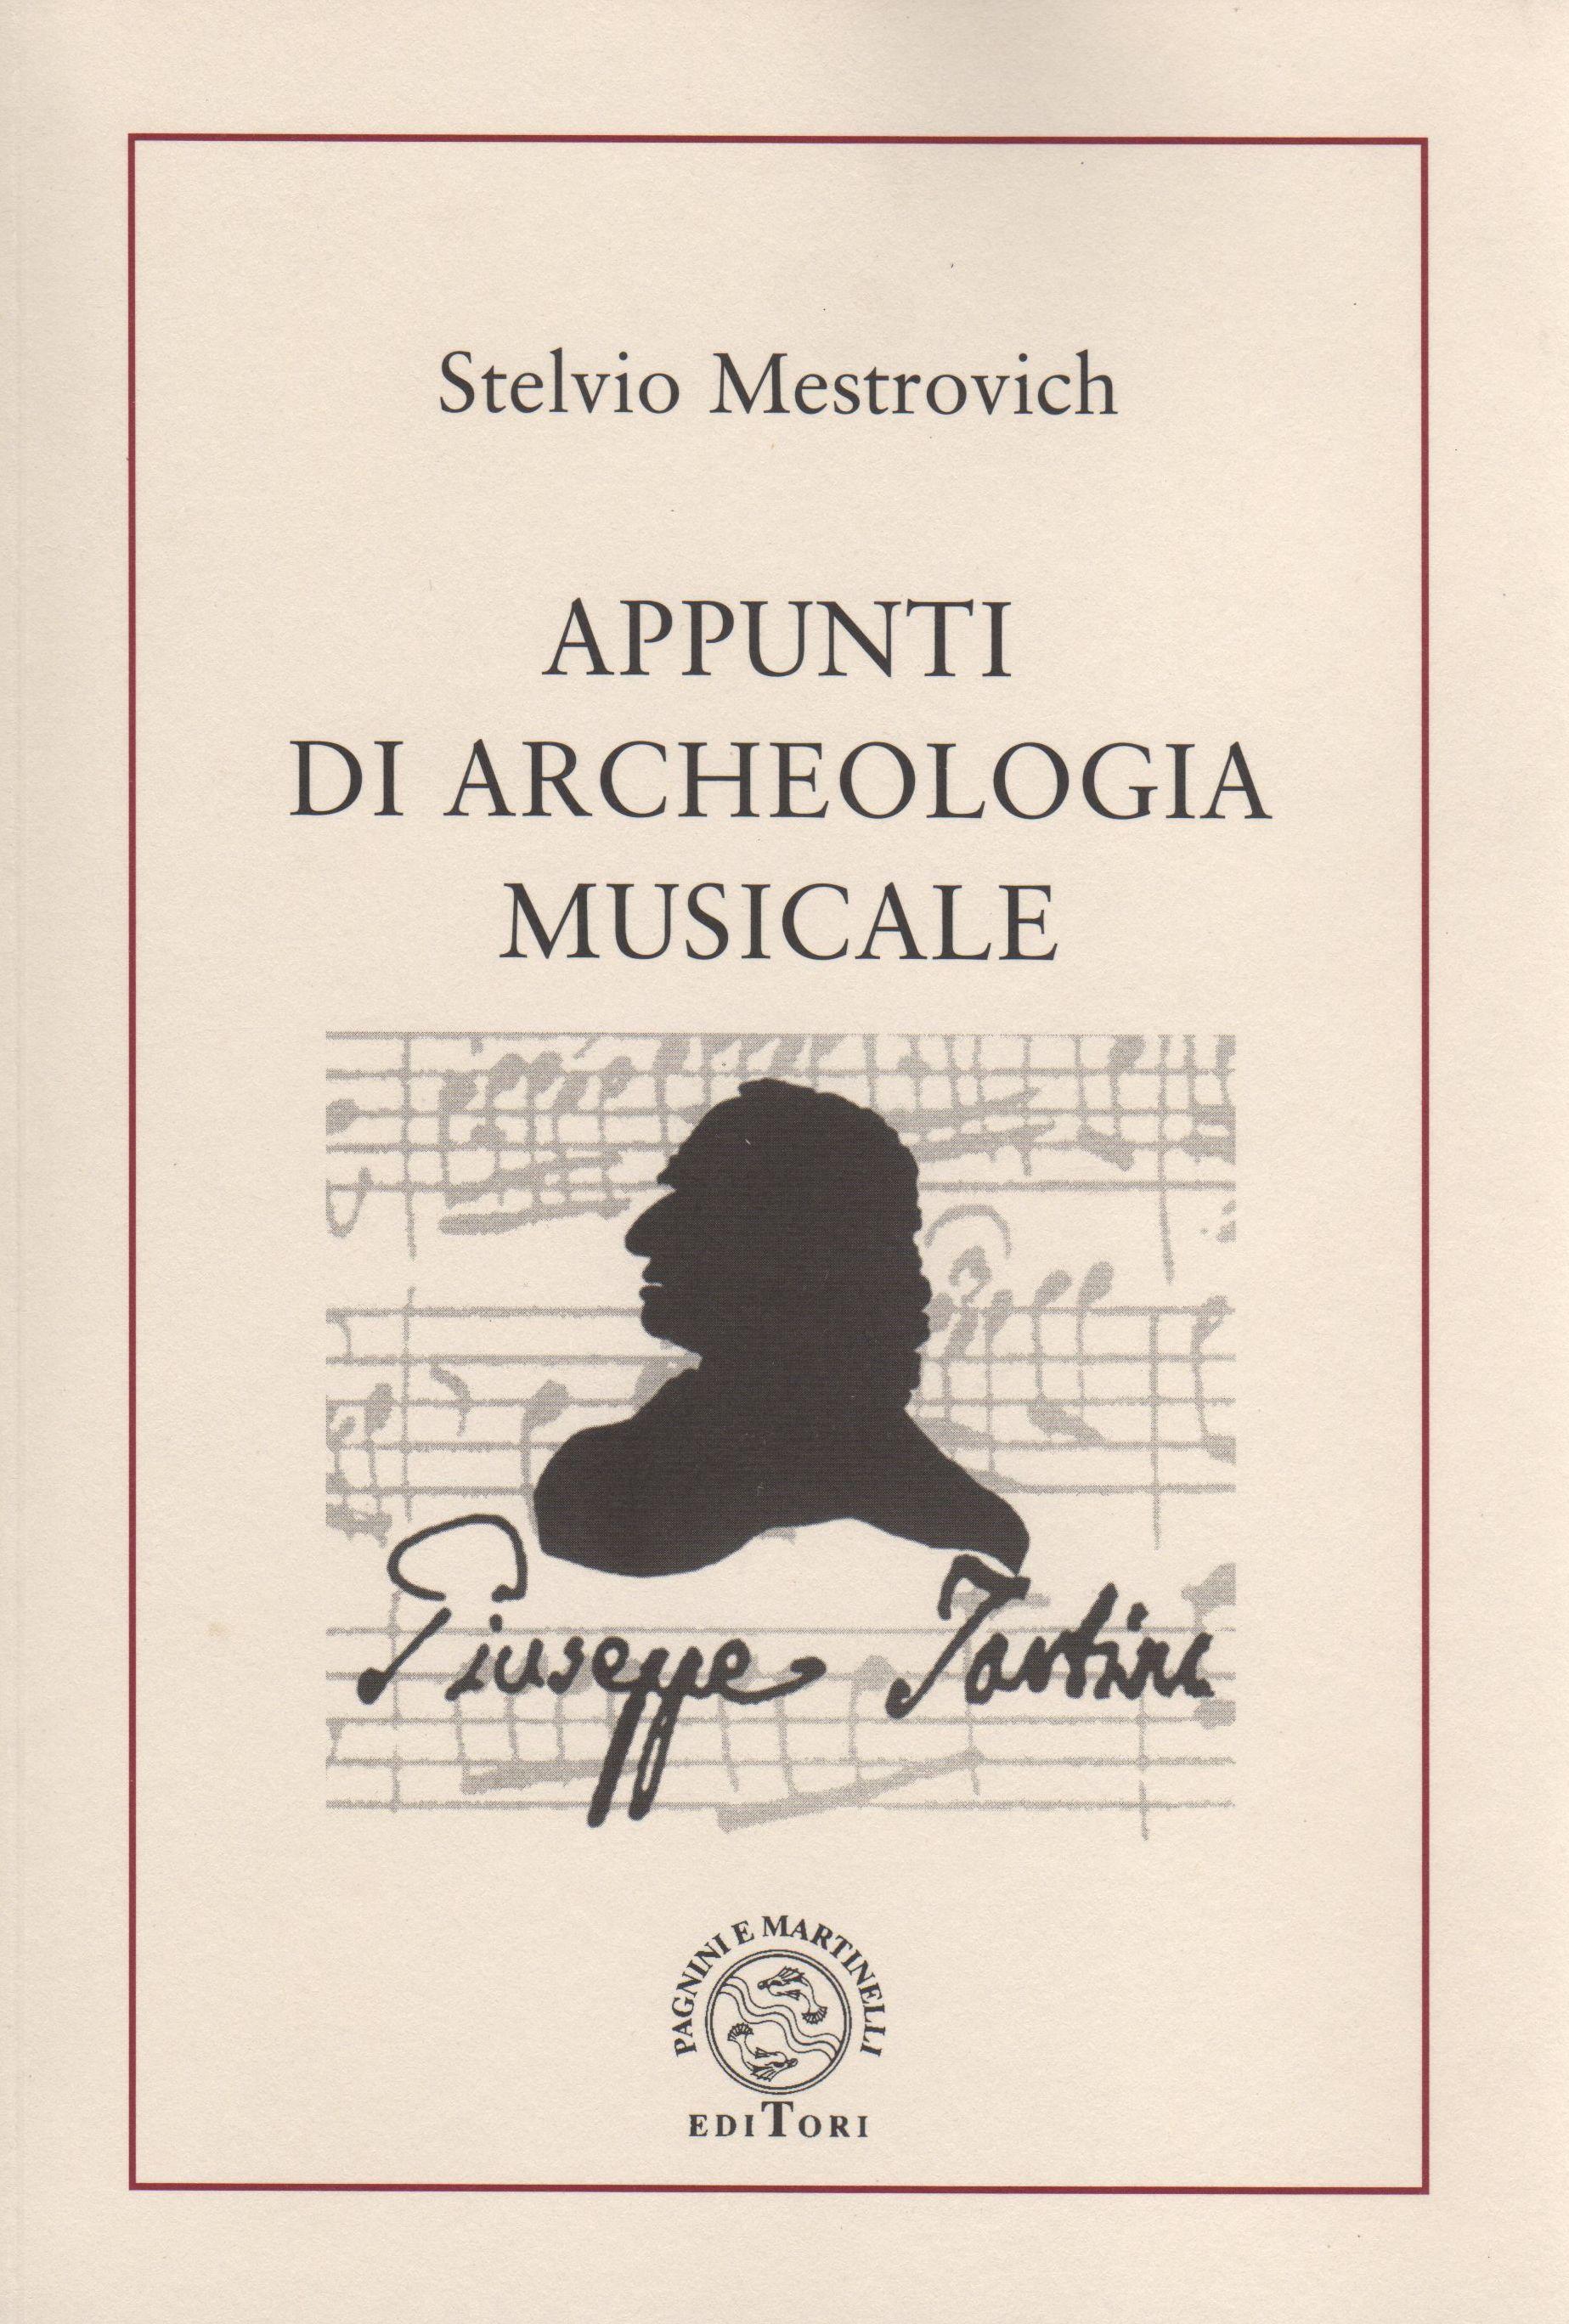 Appunti di archeologia musicale